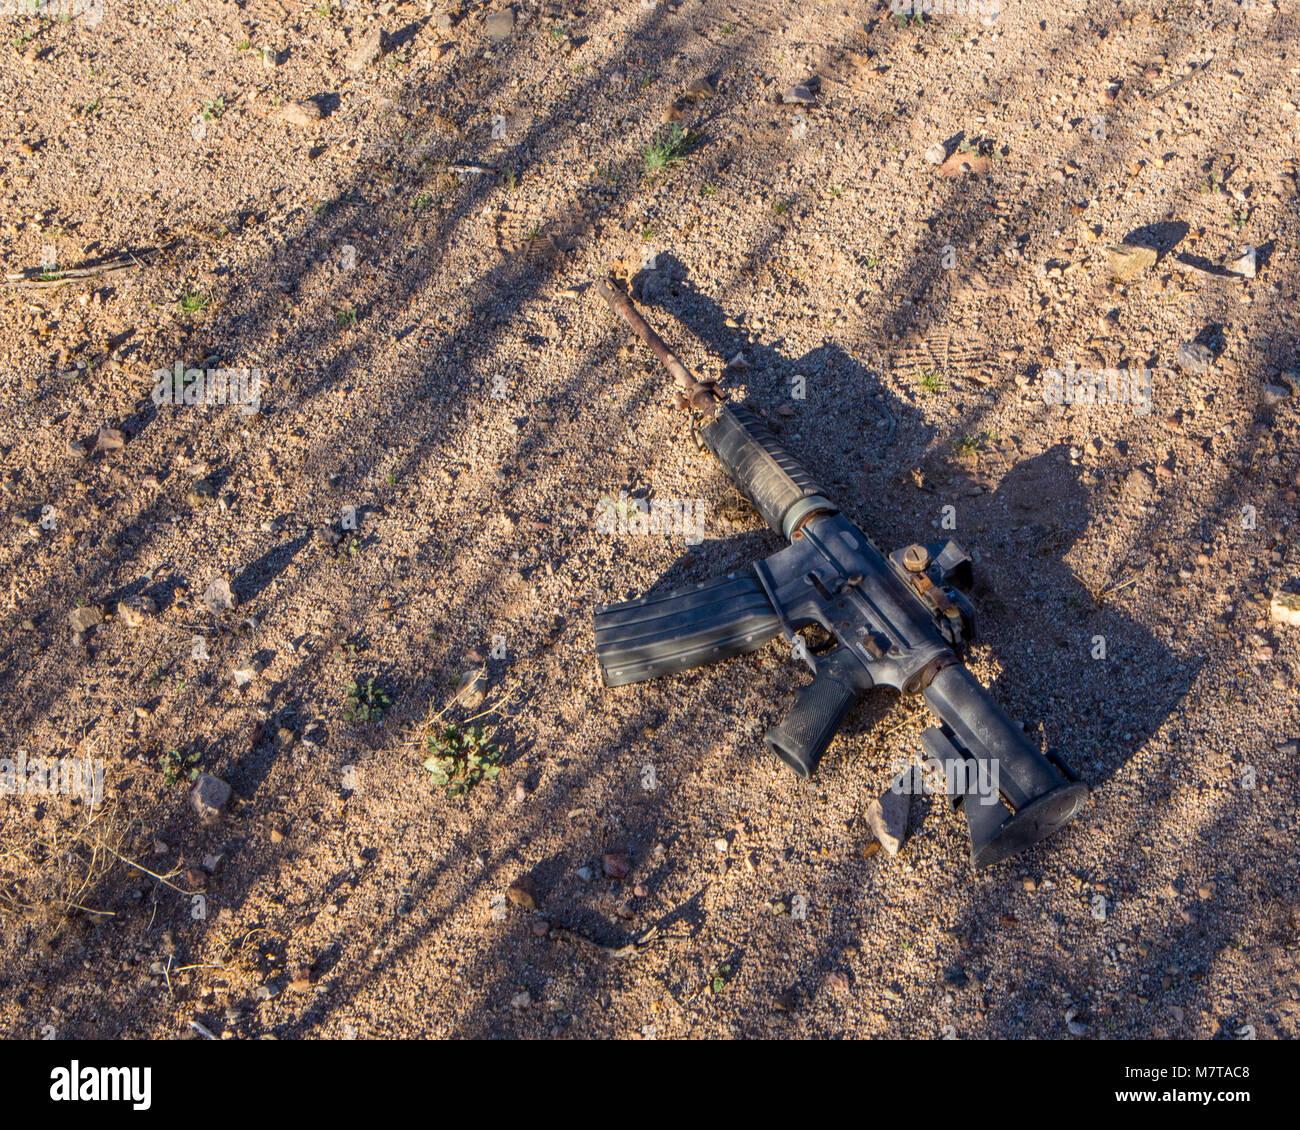 Smuggler's gun Stock Photo